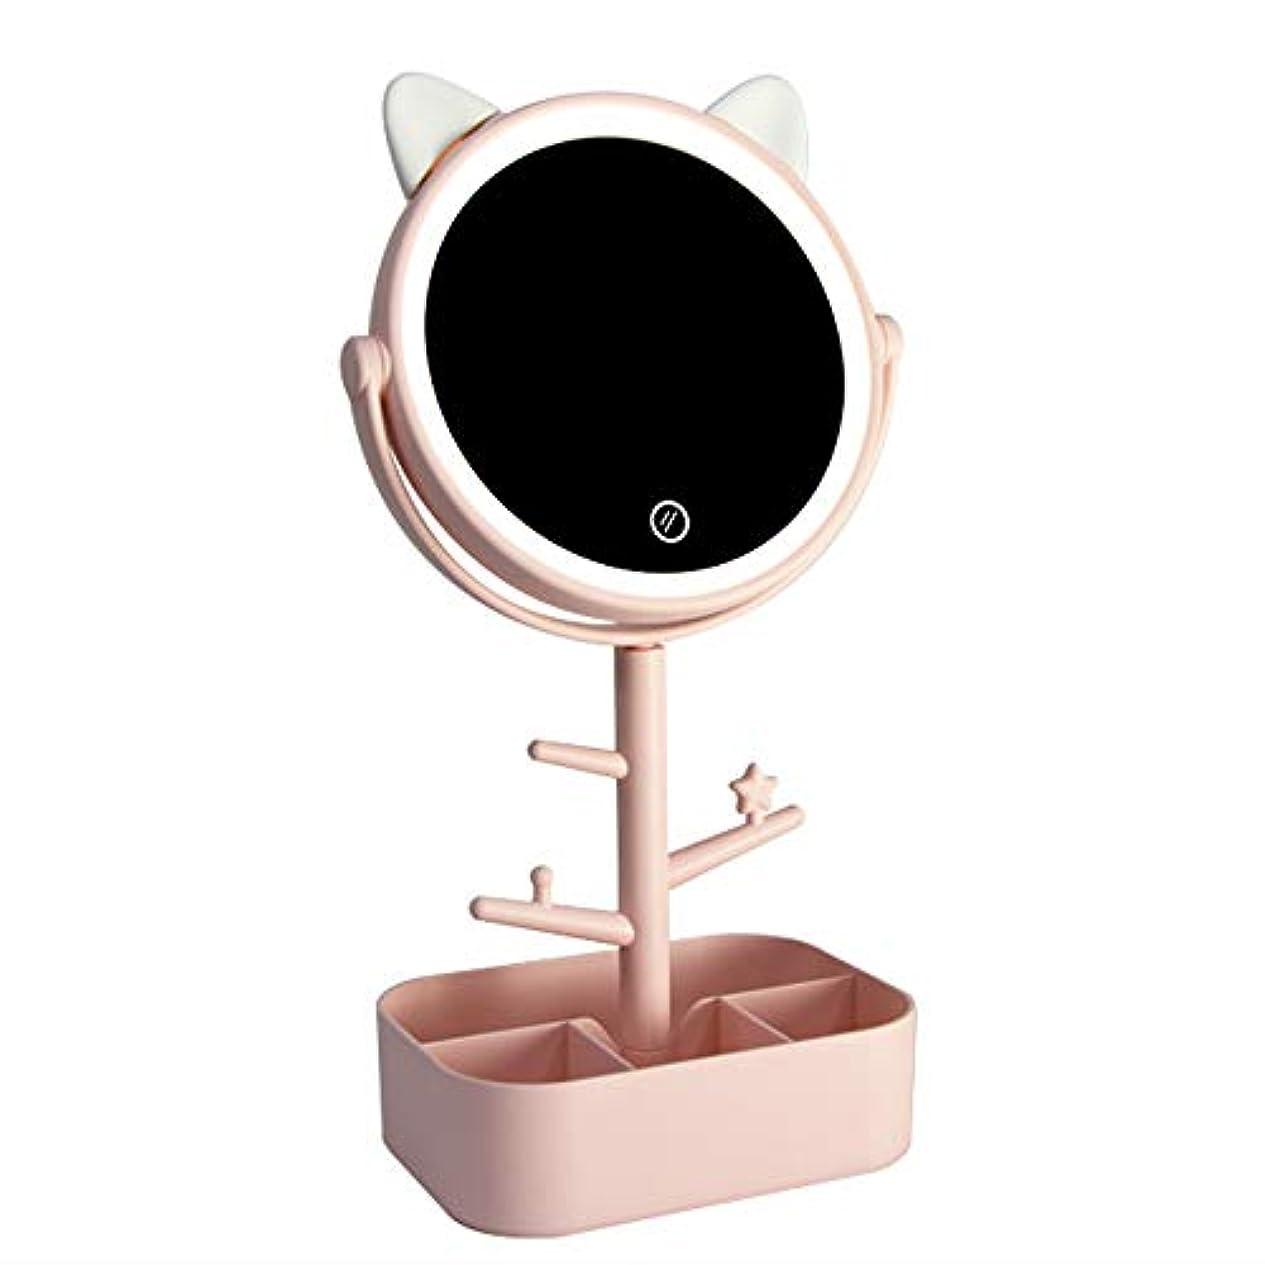 首尾一貫した別々に不利Lecone LED化粧鏡 女優ミラー 卓上ミラー 180度調整可能 スタンドミラー LEDライト メイク 化粧道具 円型 収納ケース 可収納 USB給電 (猫ーピンク)